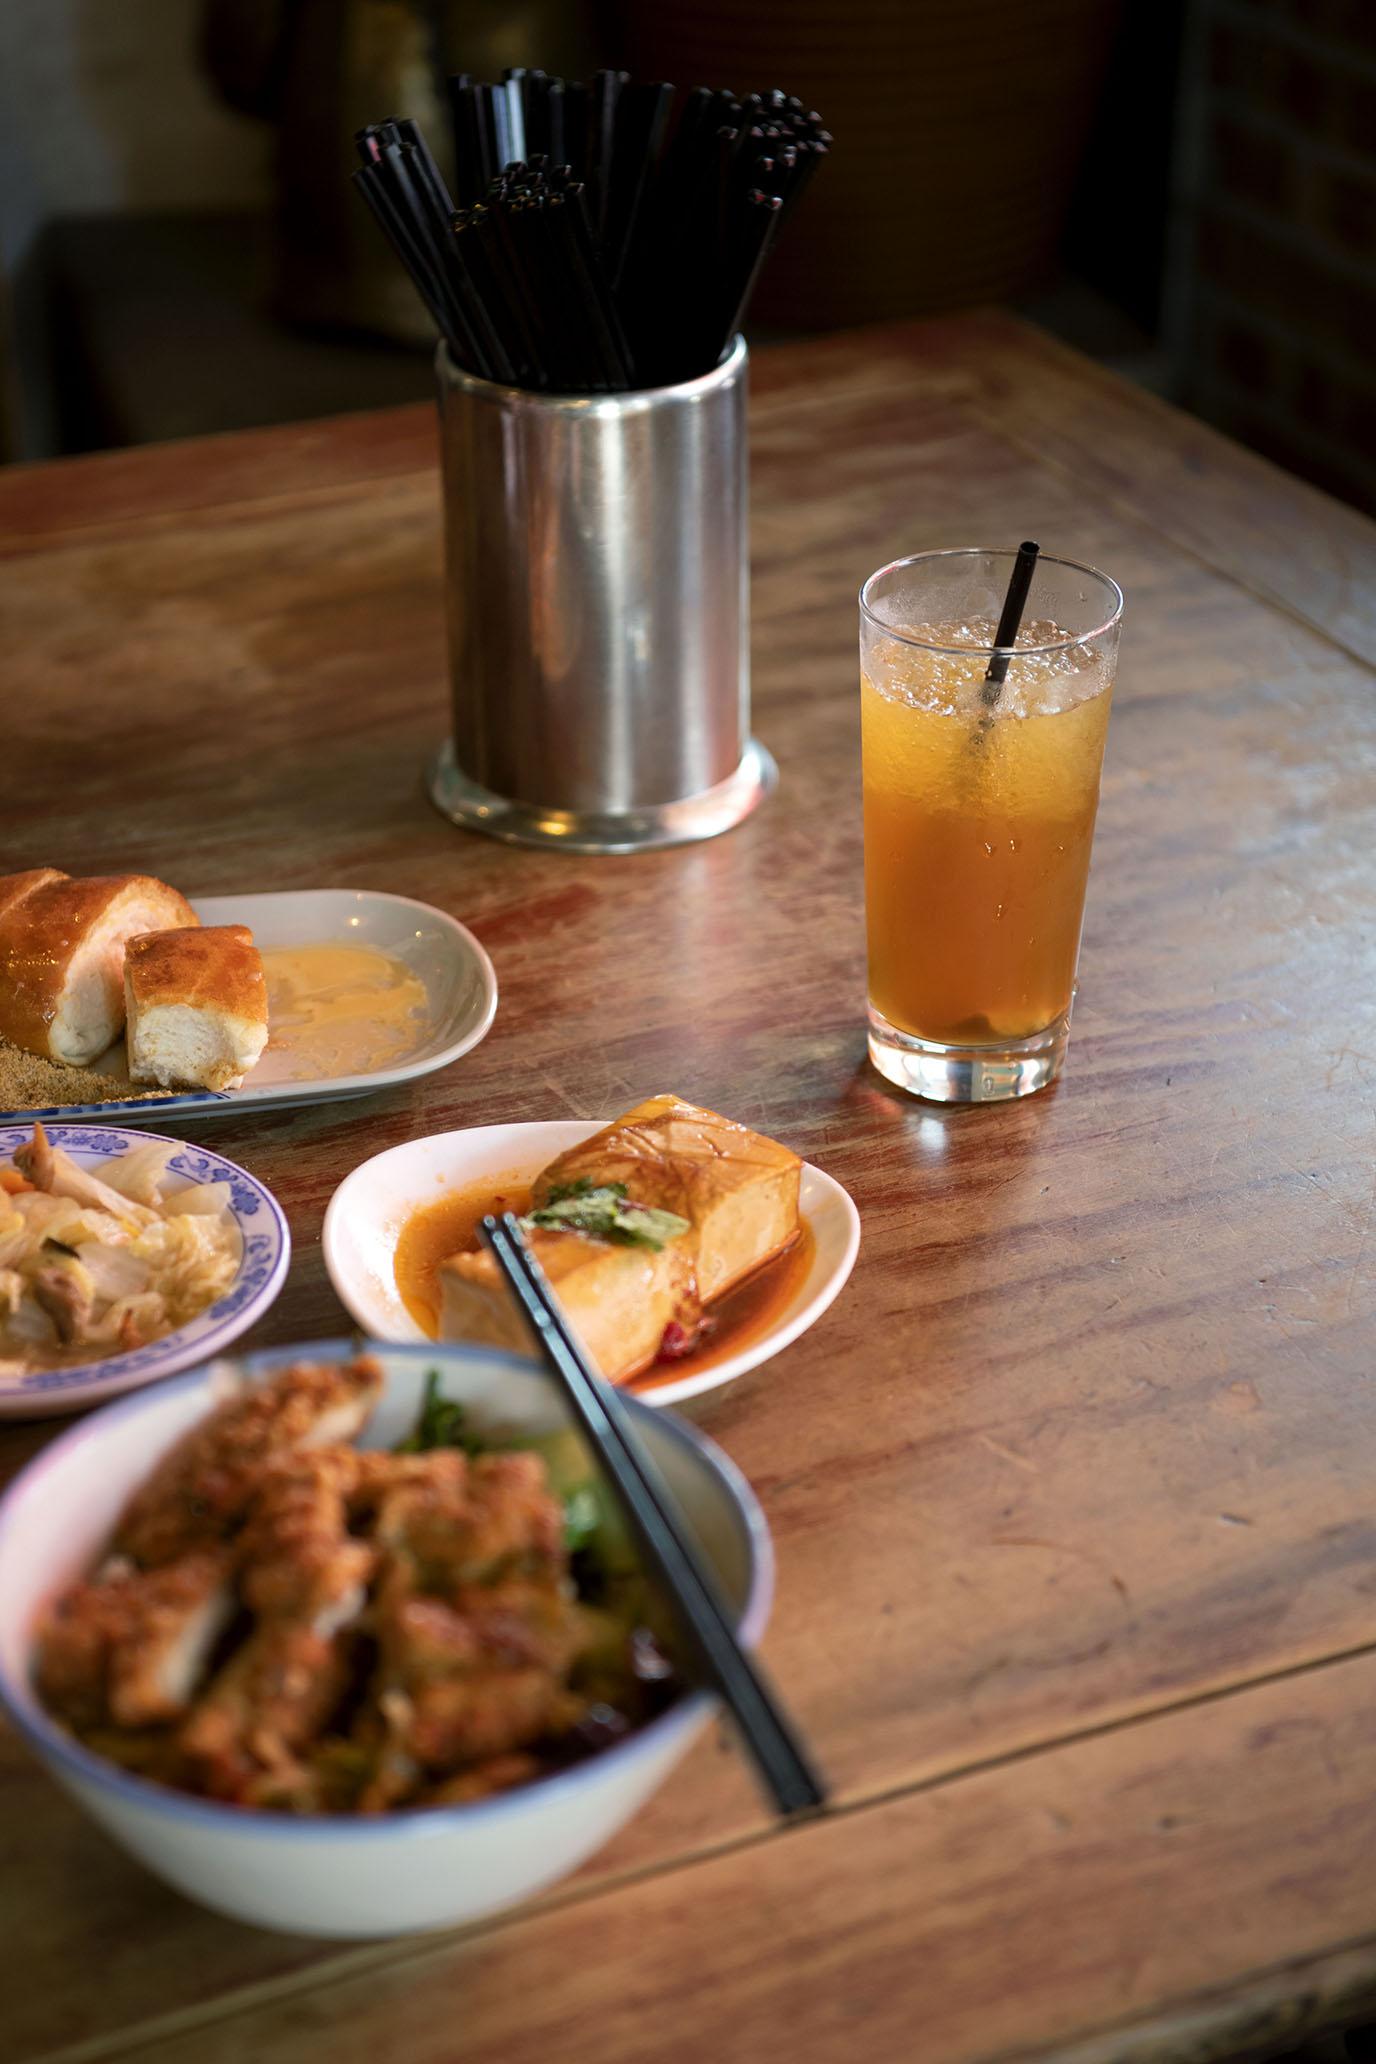 很是熱鬧的古早味排骨飯|三峽 東道飲食亭